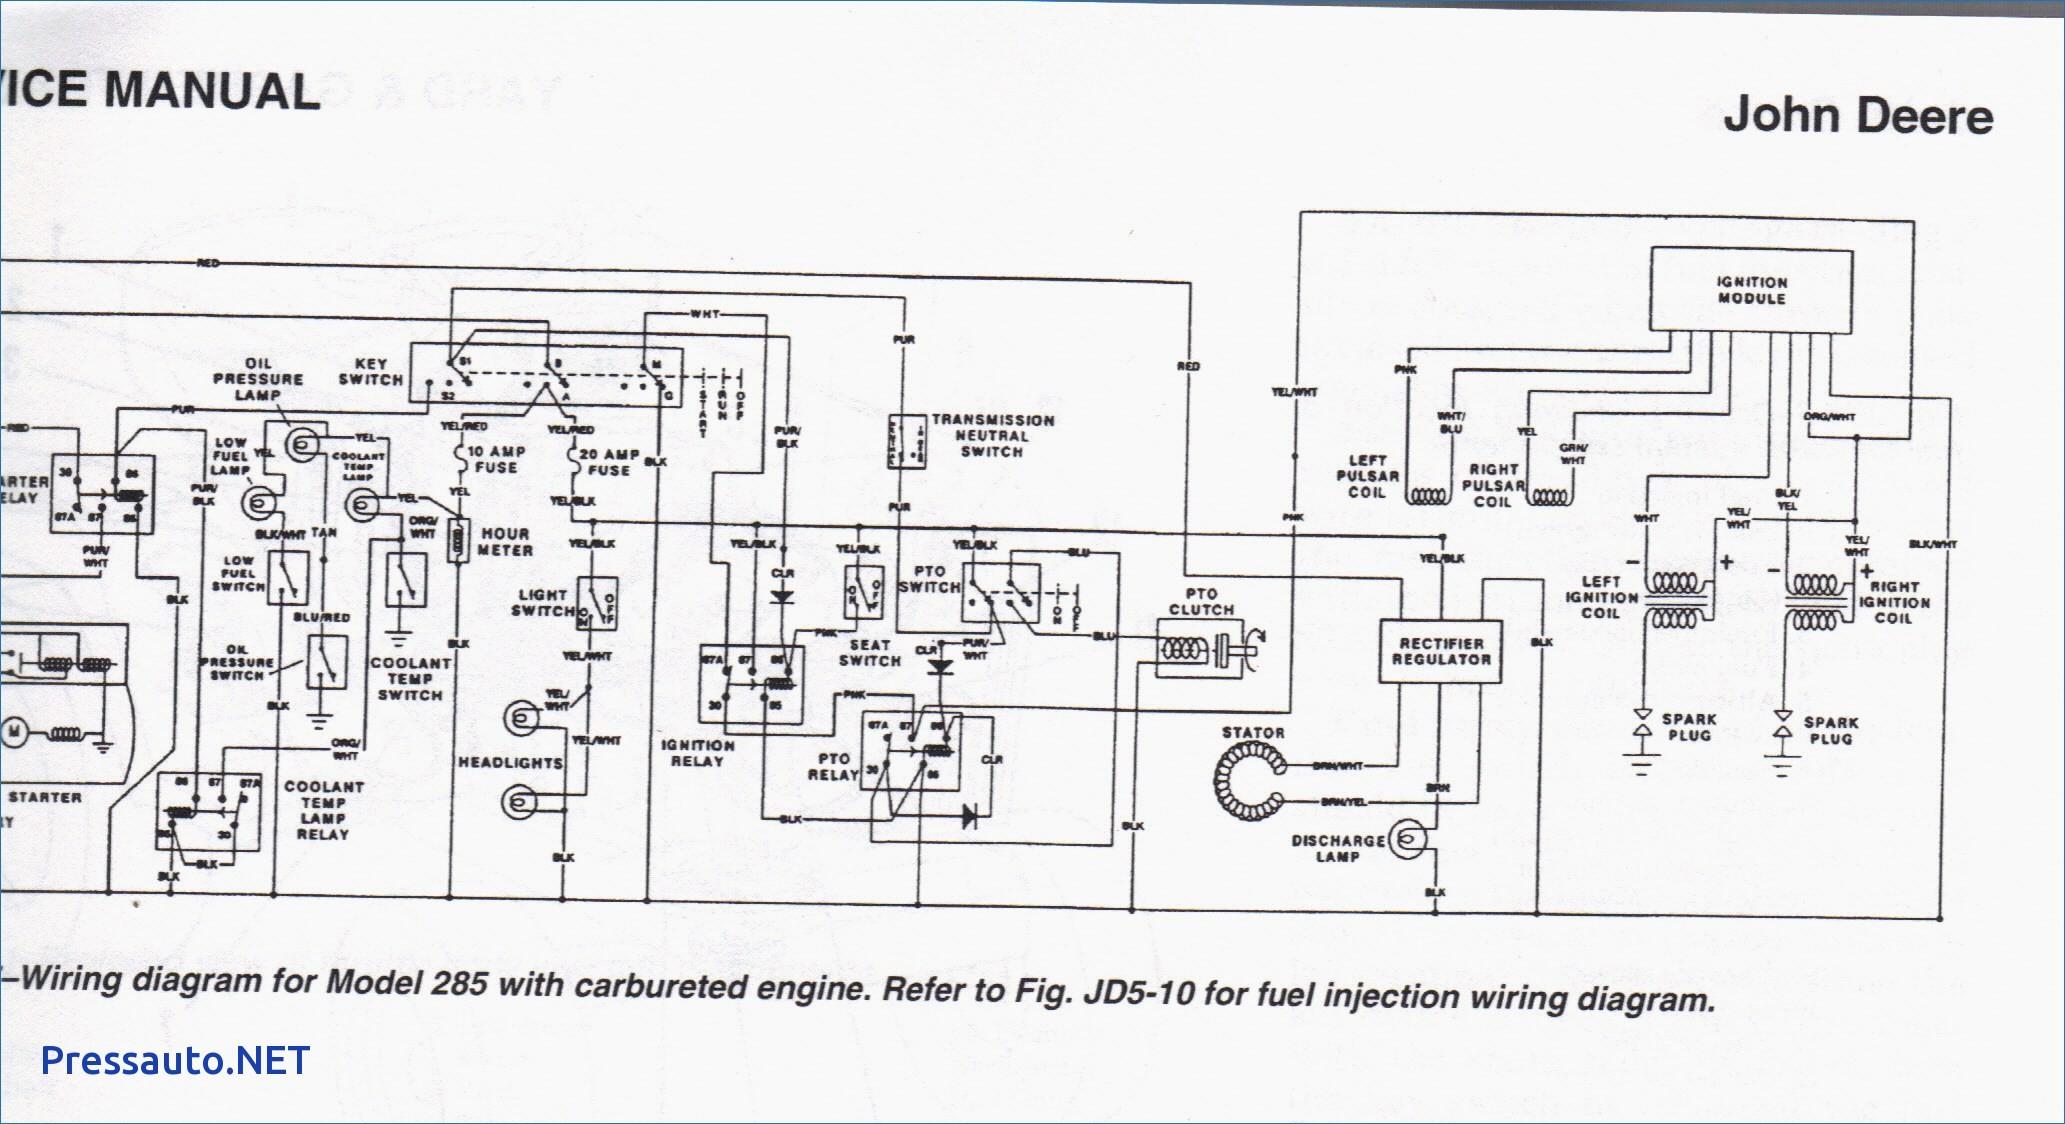 Lt155 wiring schematic